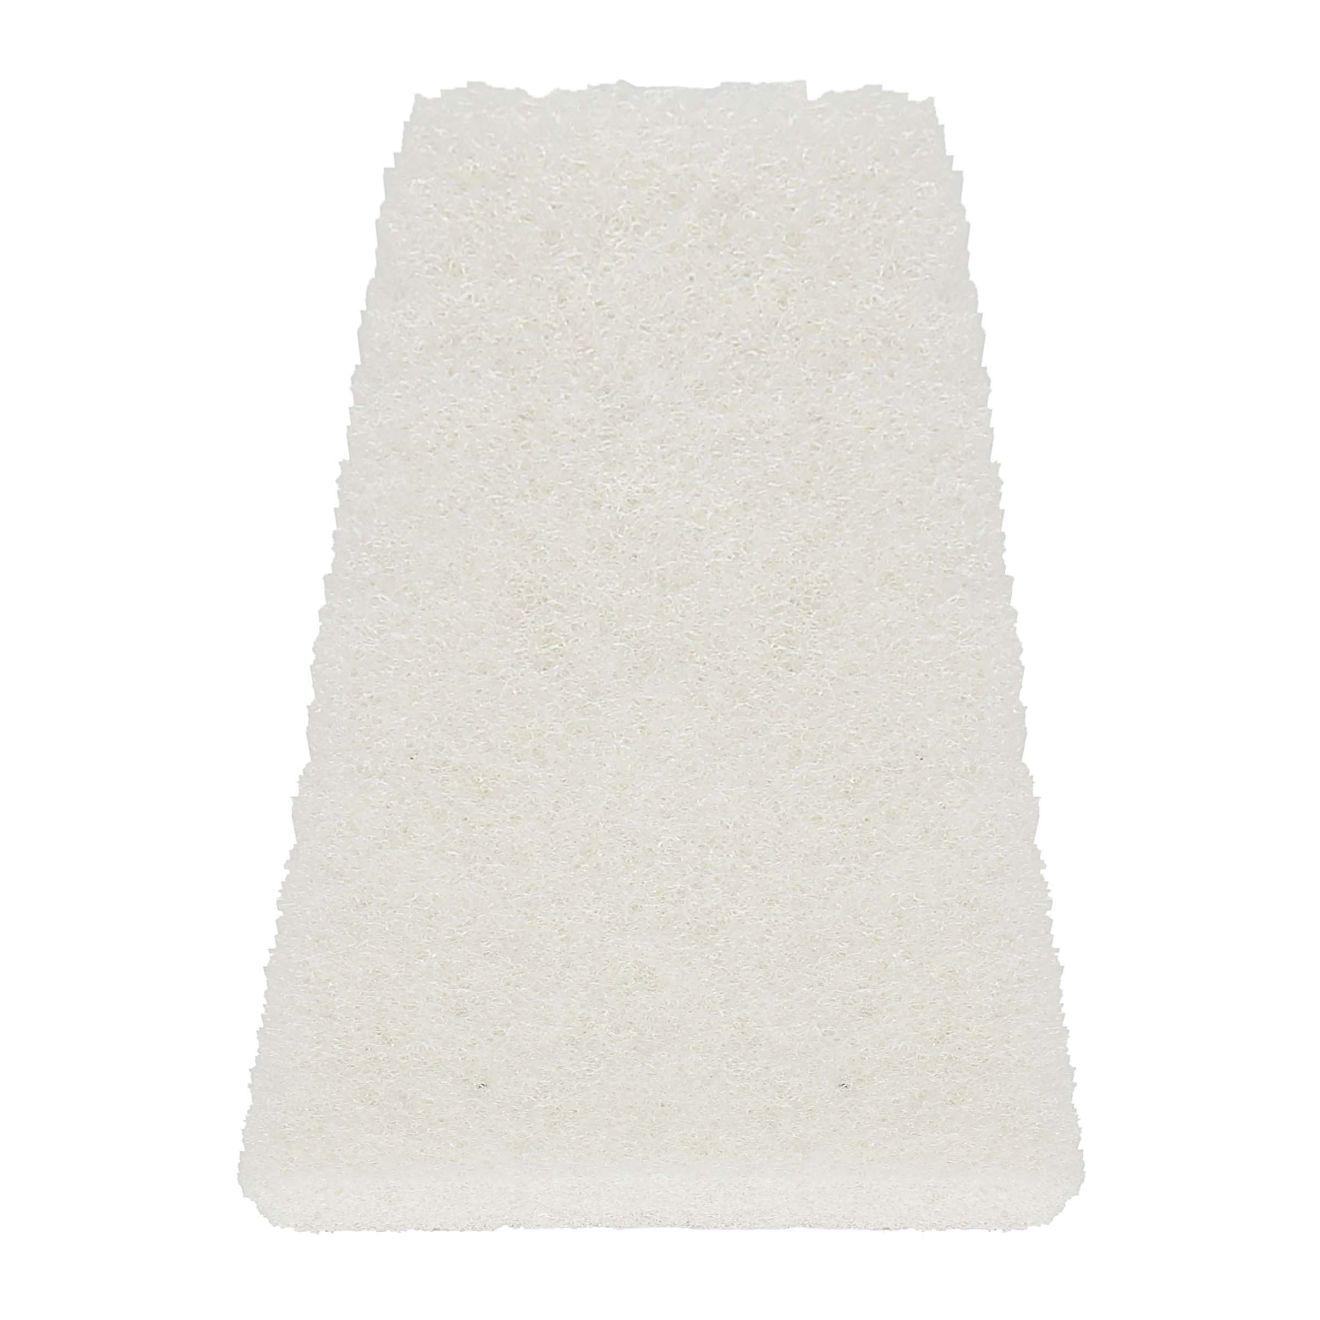 Odyn Soft Scrub Pad